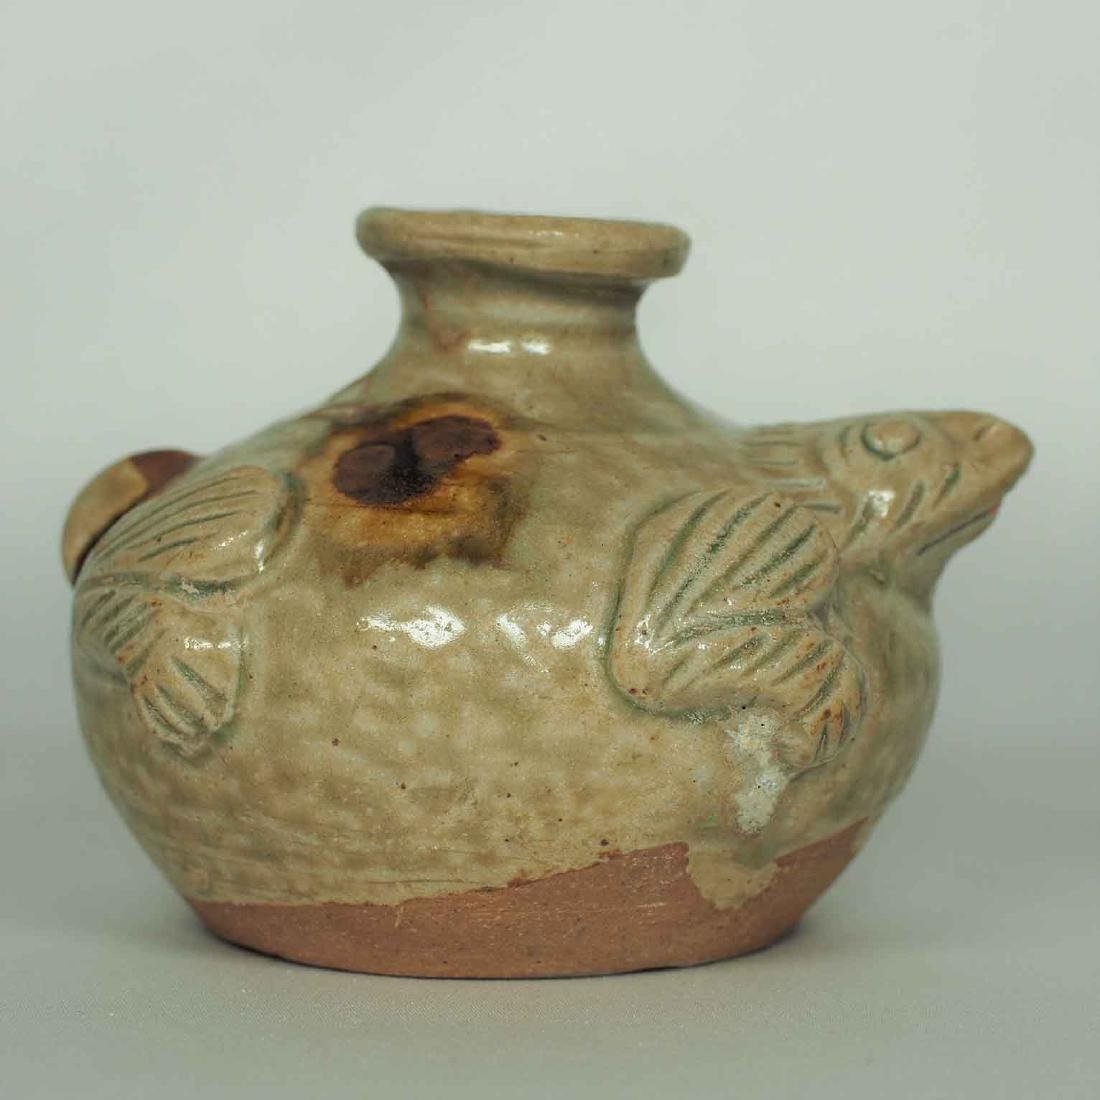 Yue Turtle-form Water Pot, Eastern Jin Dynasty - 2